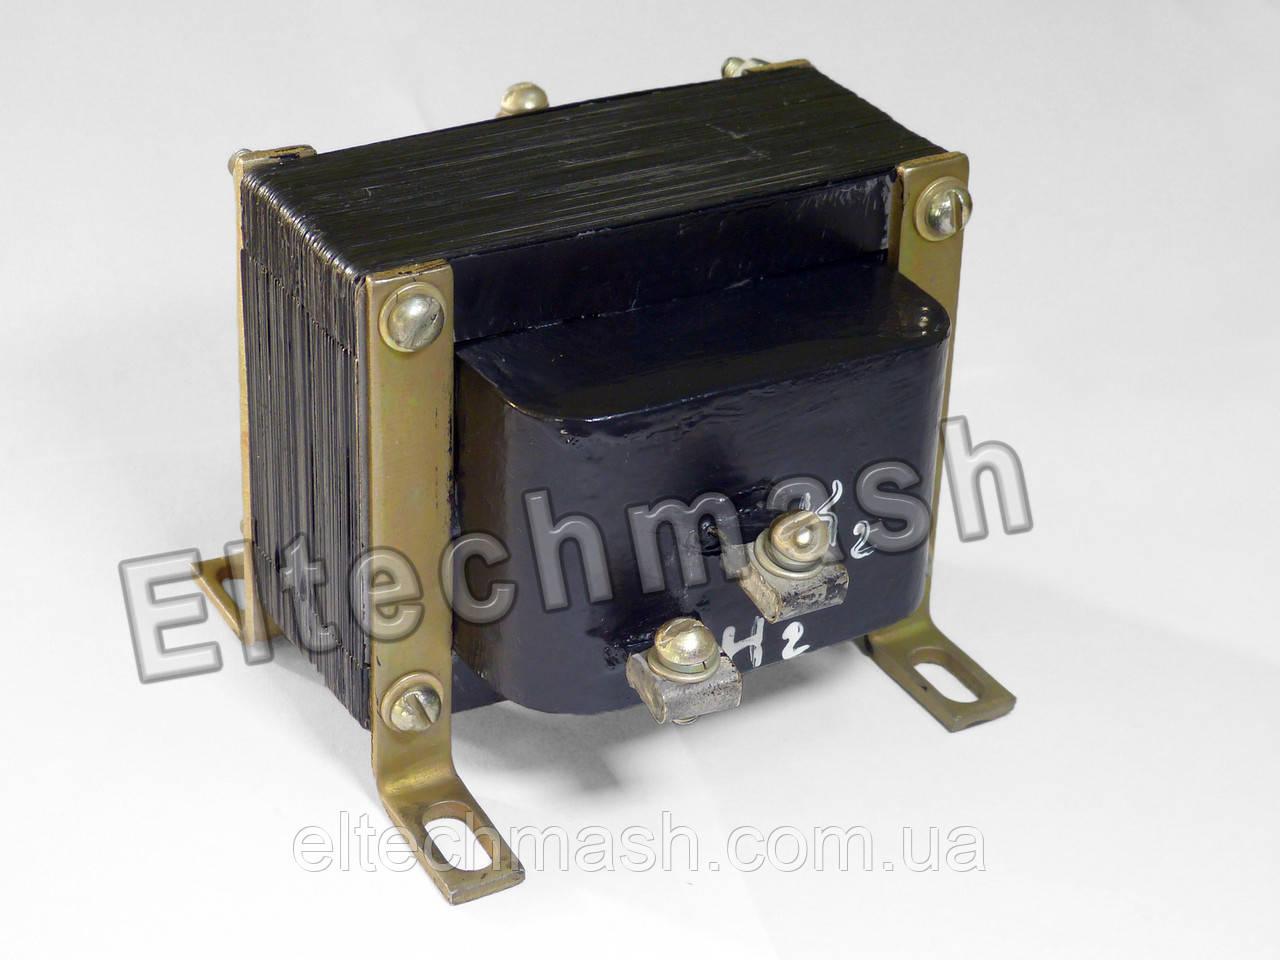 Трансформатор живлення ТП-6, ИАКВ.671111.054